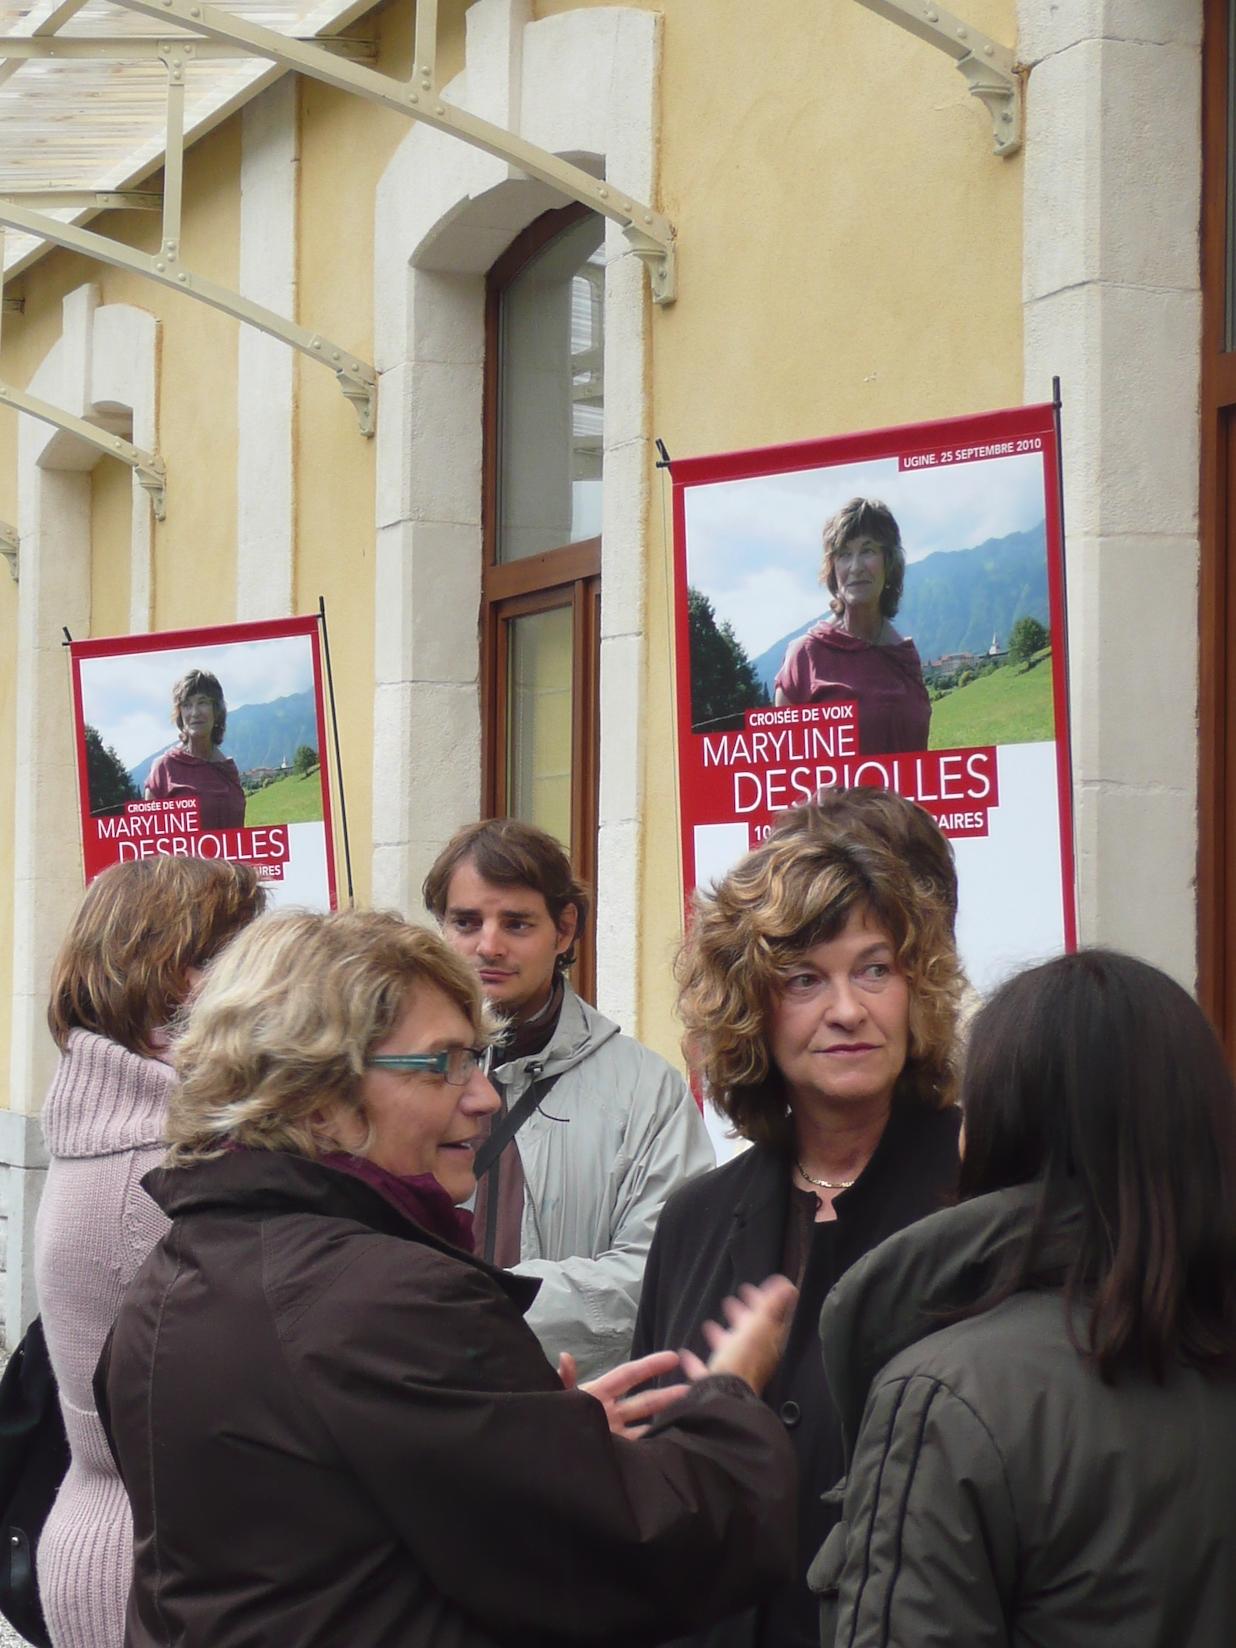 10es Rencontres littéraires autour de Maryline Desbiolles © S. Pomini - Fondation Facim, 2010 (7)